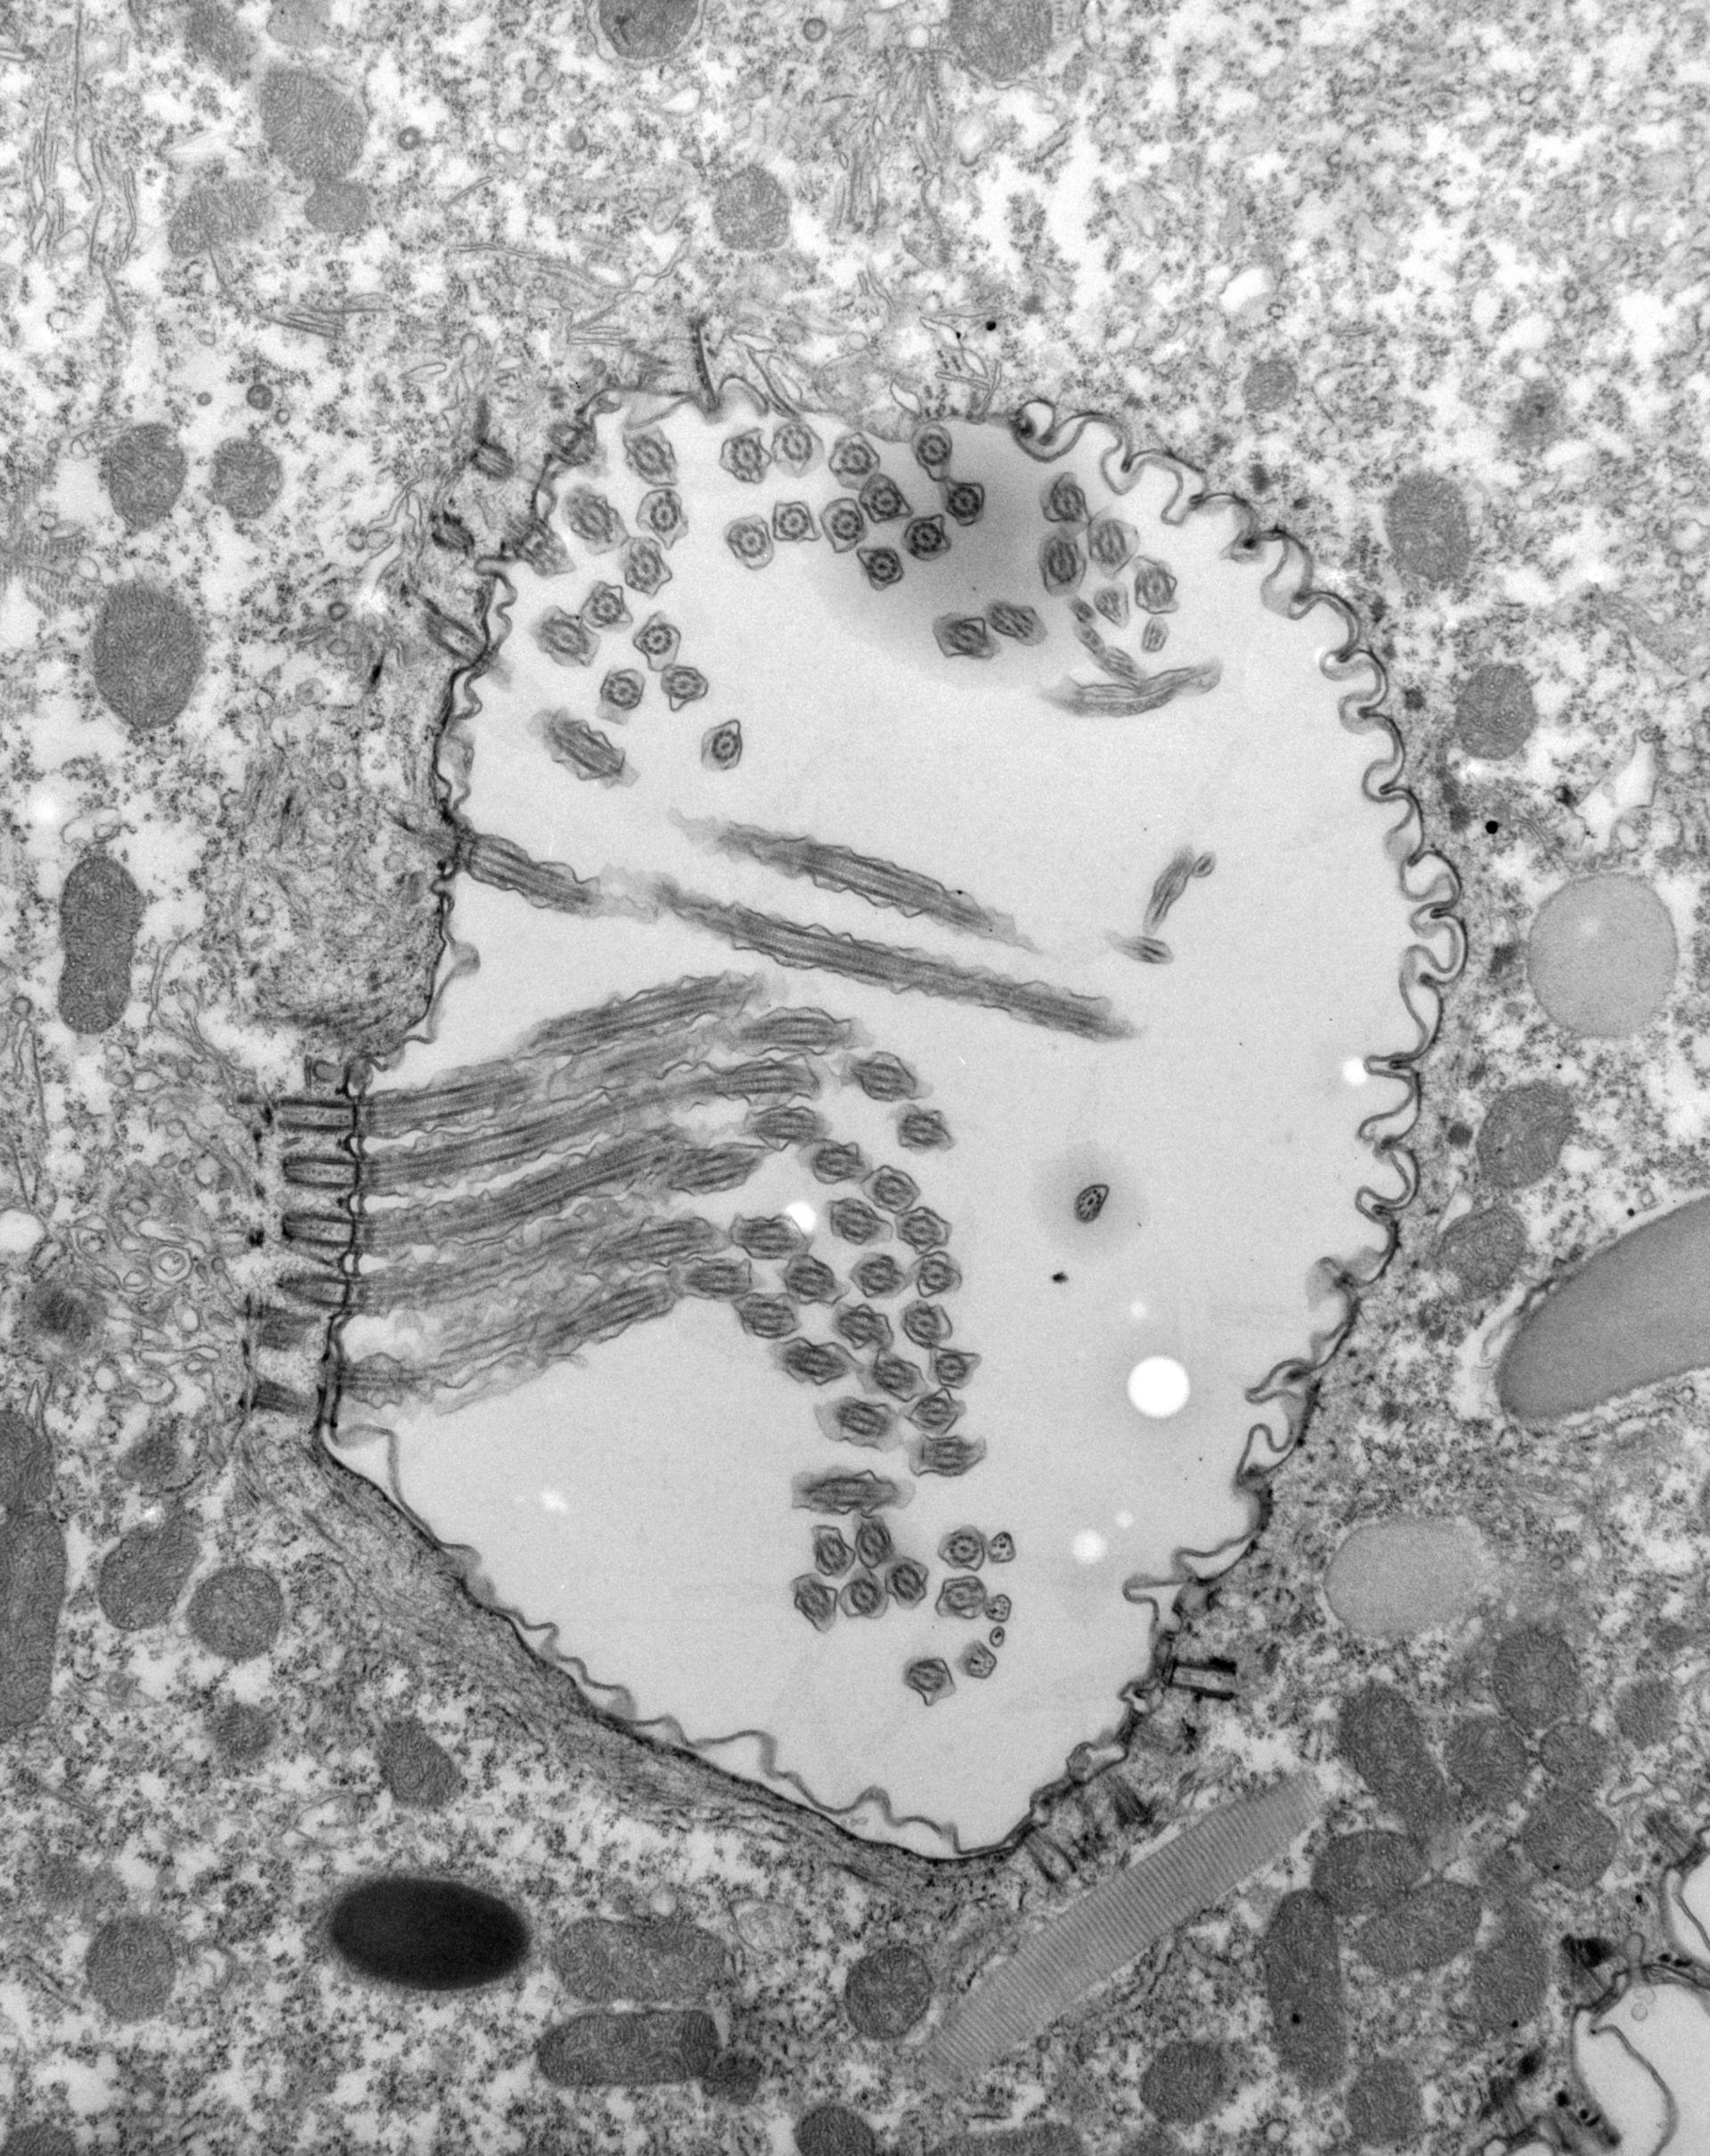 Paramecium caudatum (apparato orale) - CIL:39158